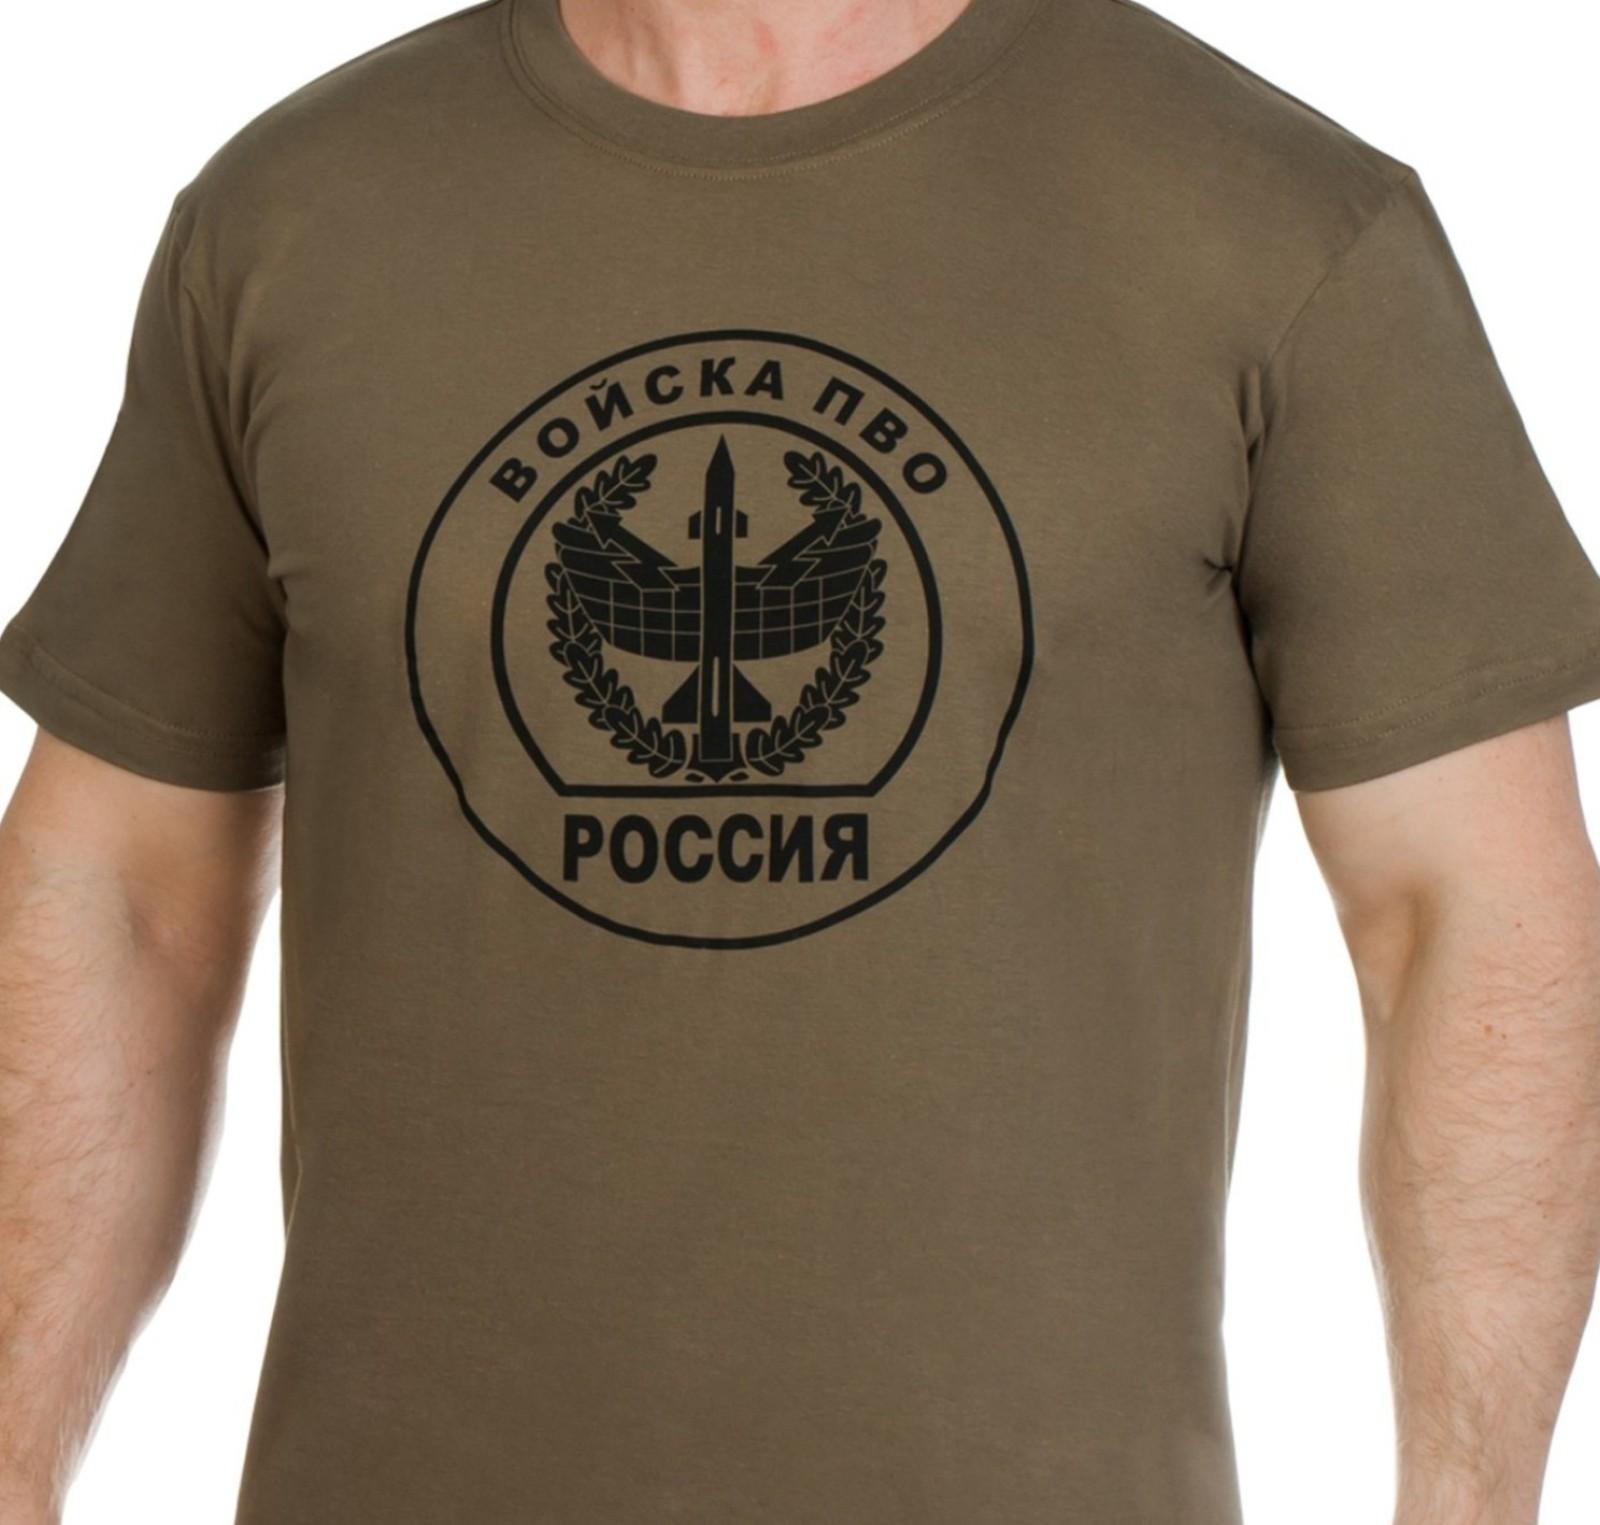 Футболка с эмблемой Войск ПВО